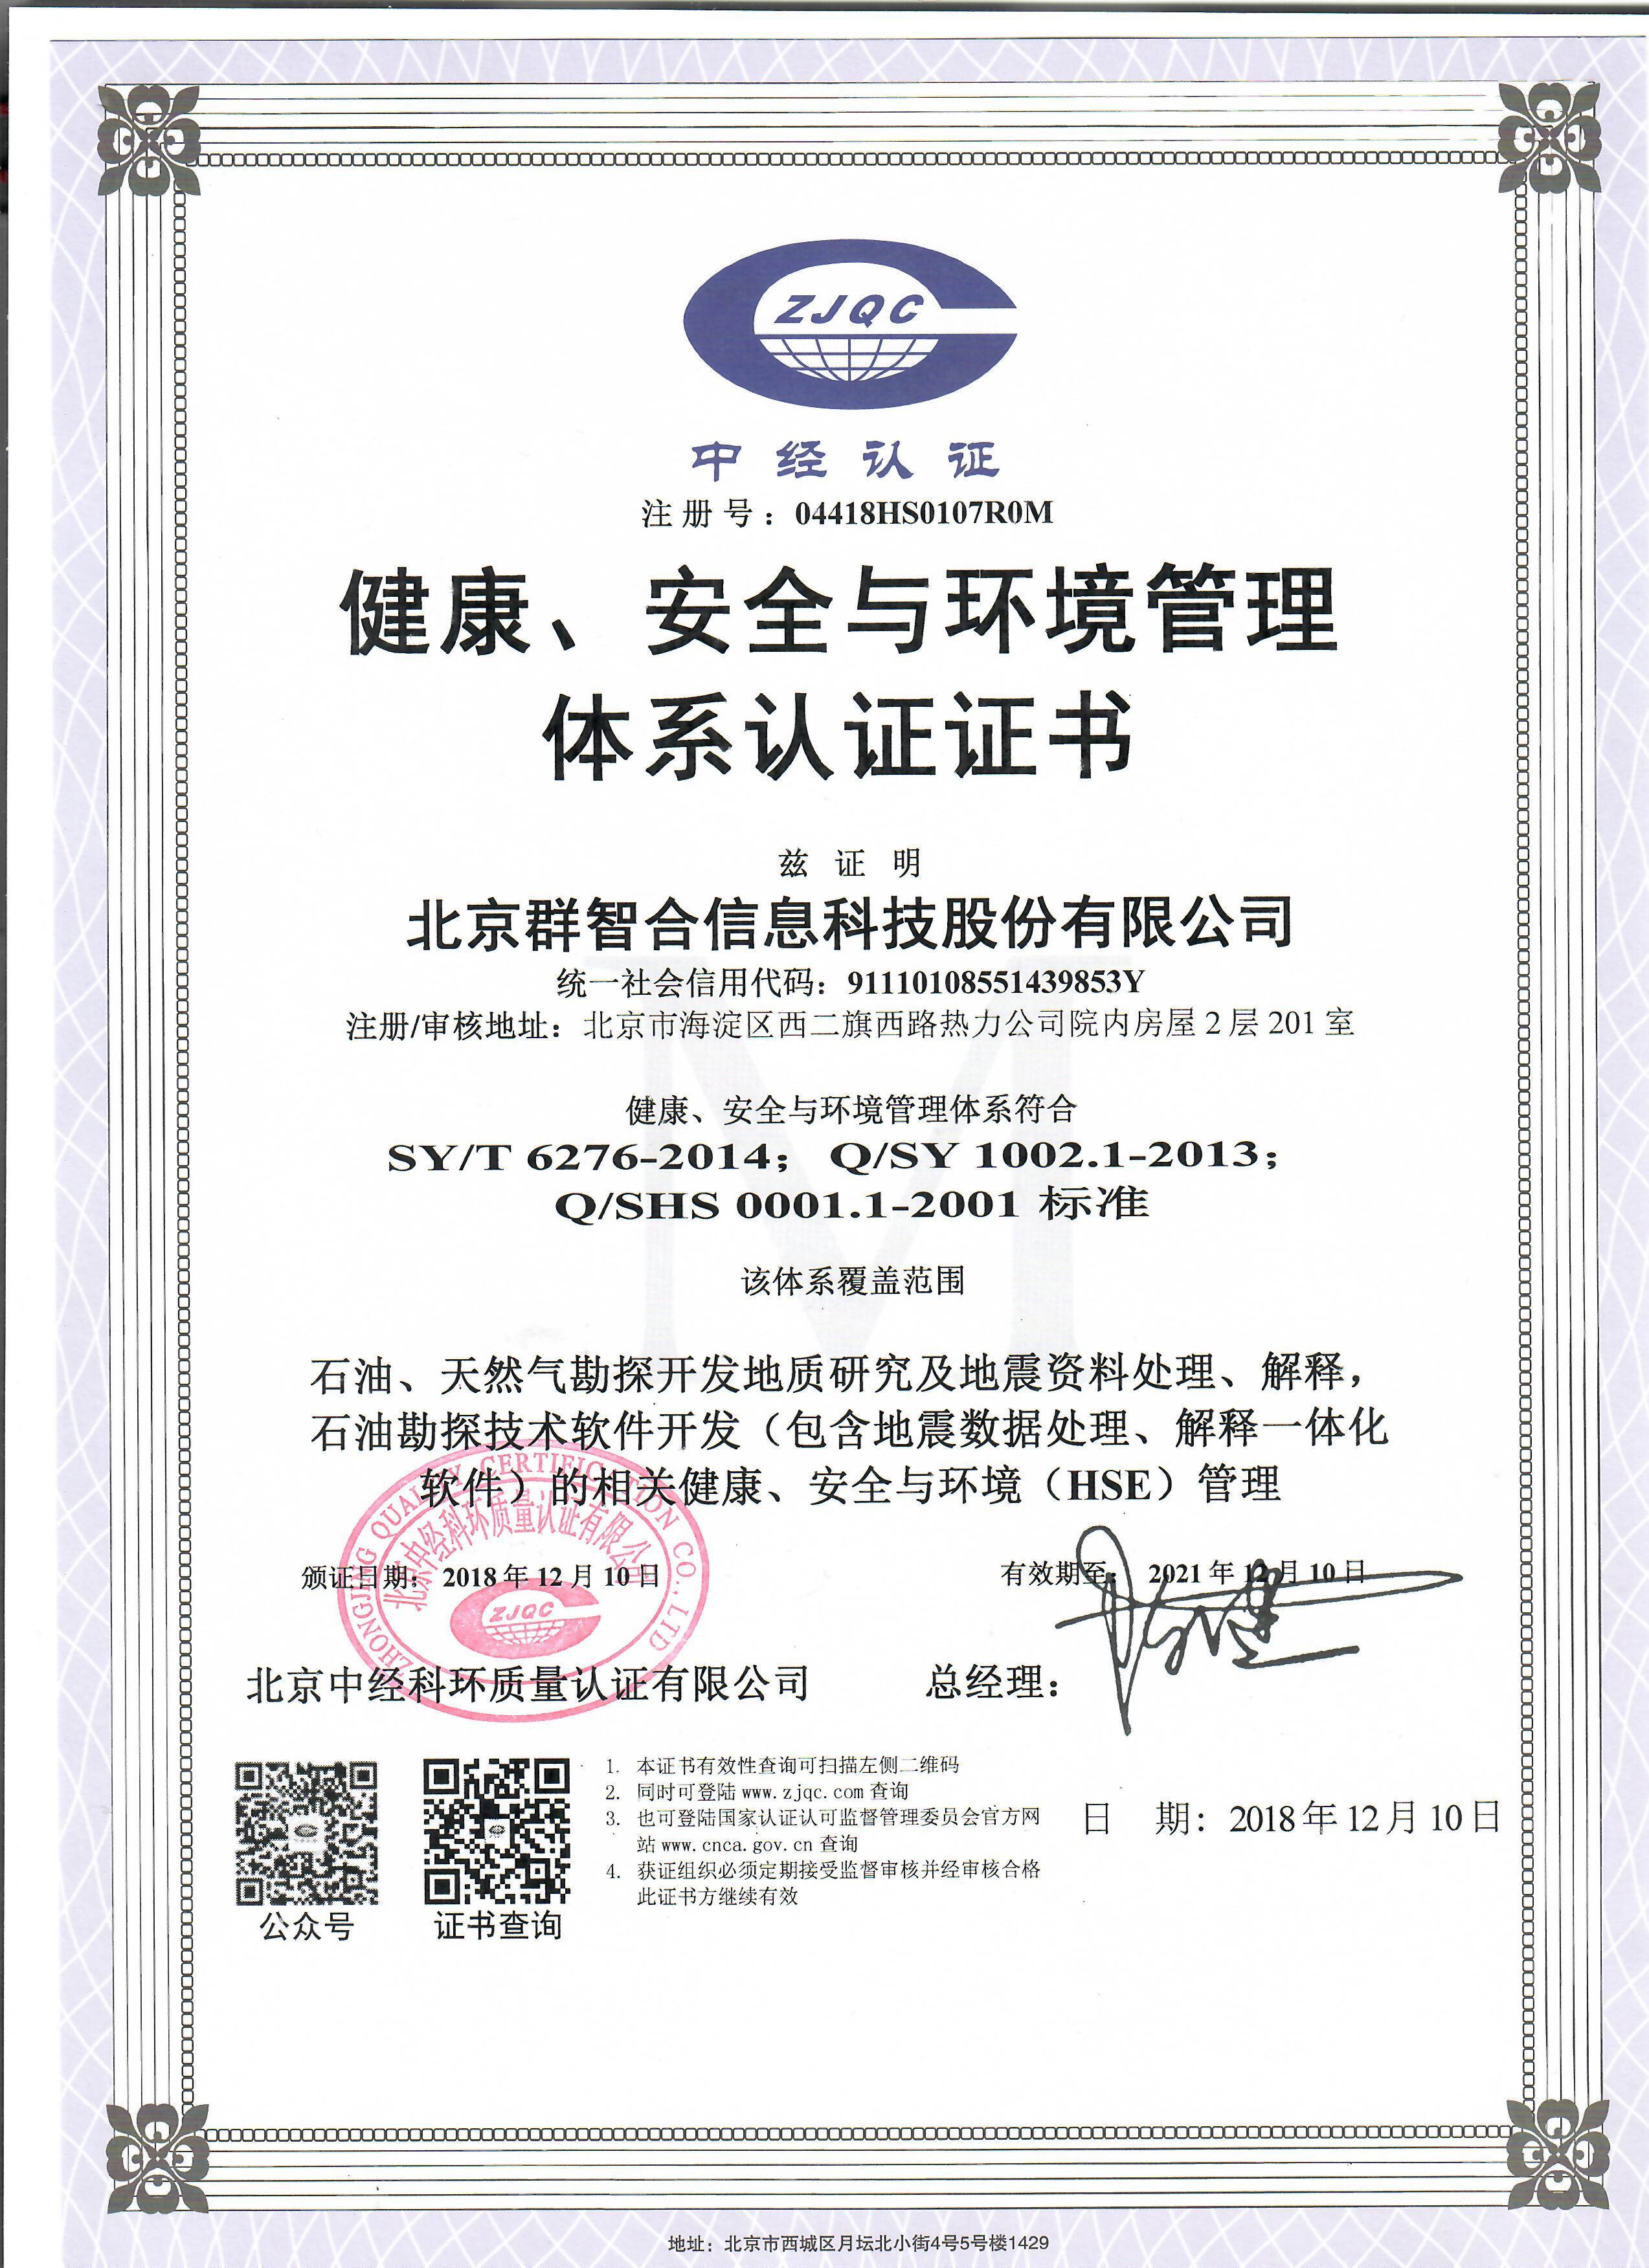 健康、安全与环境管理体系认证证书-中文